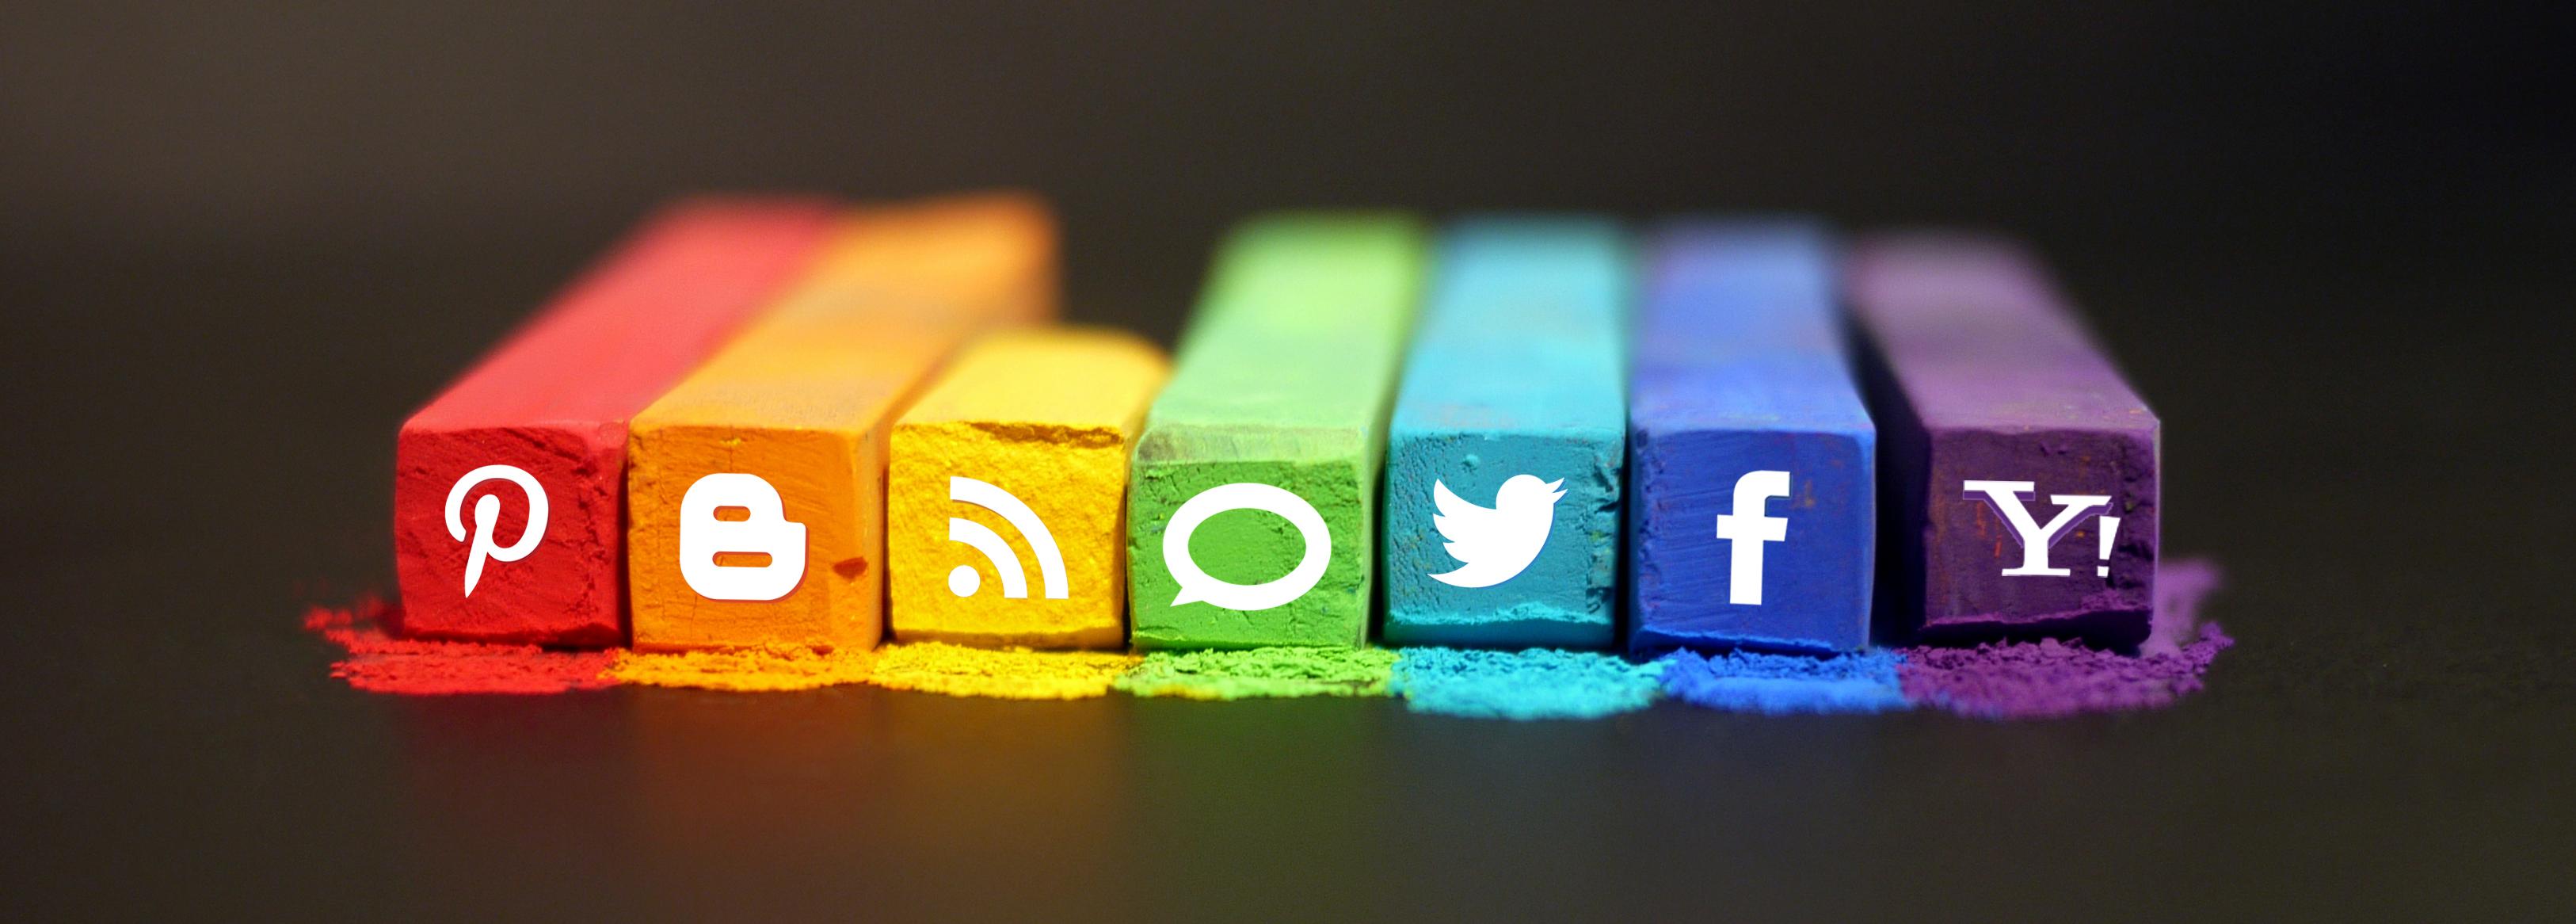 Social-Media-Manager aufgepasst: Diese Checkliste erleichtert euch eure Arbeit